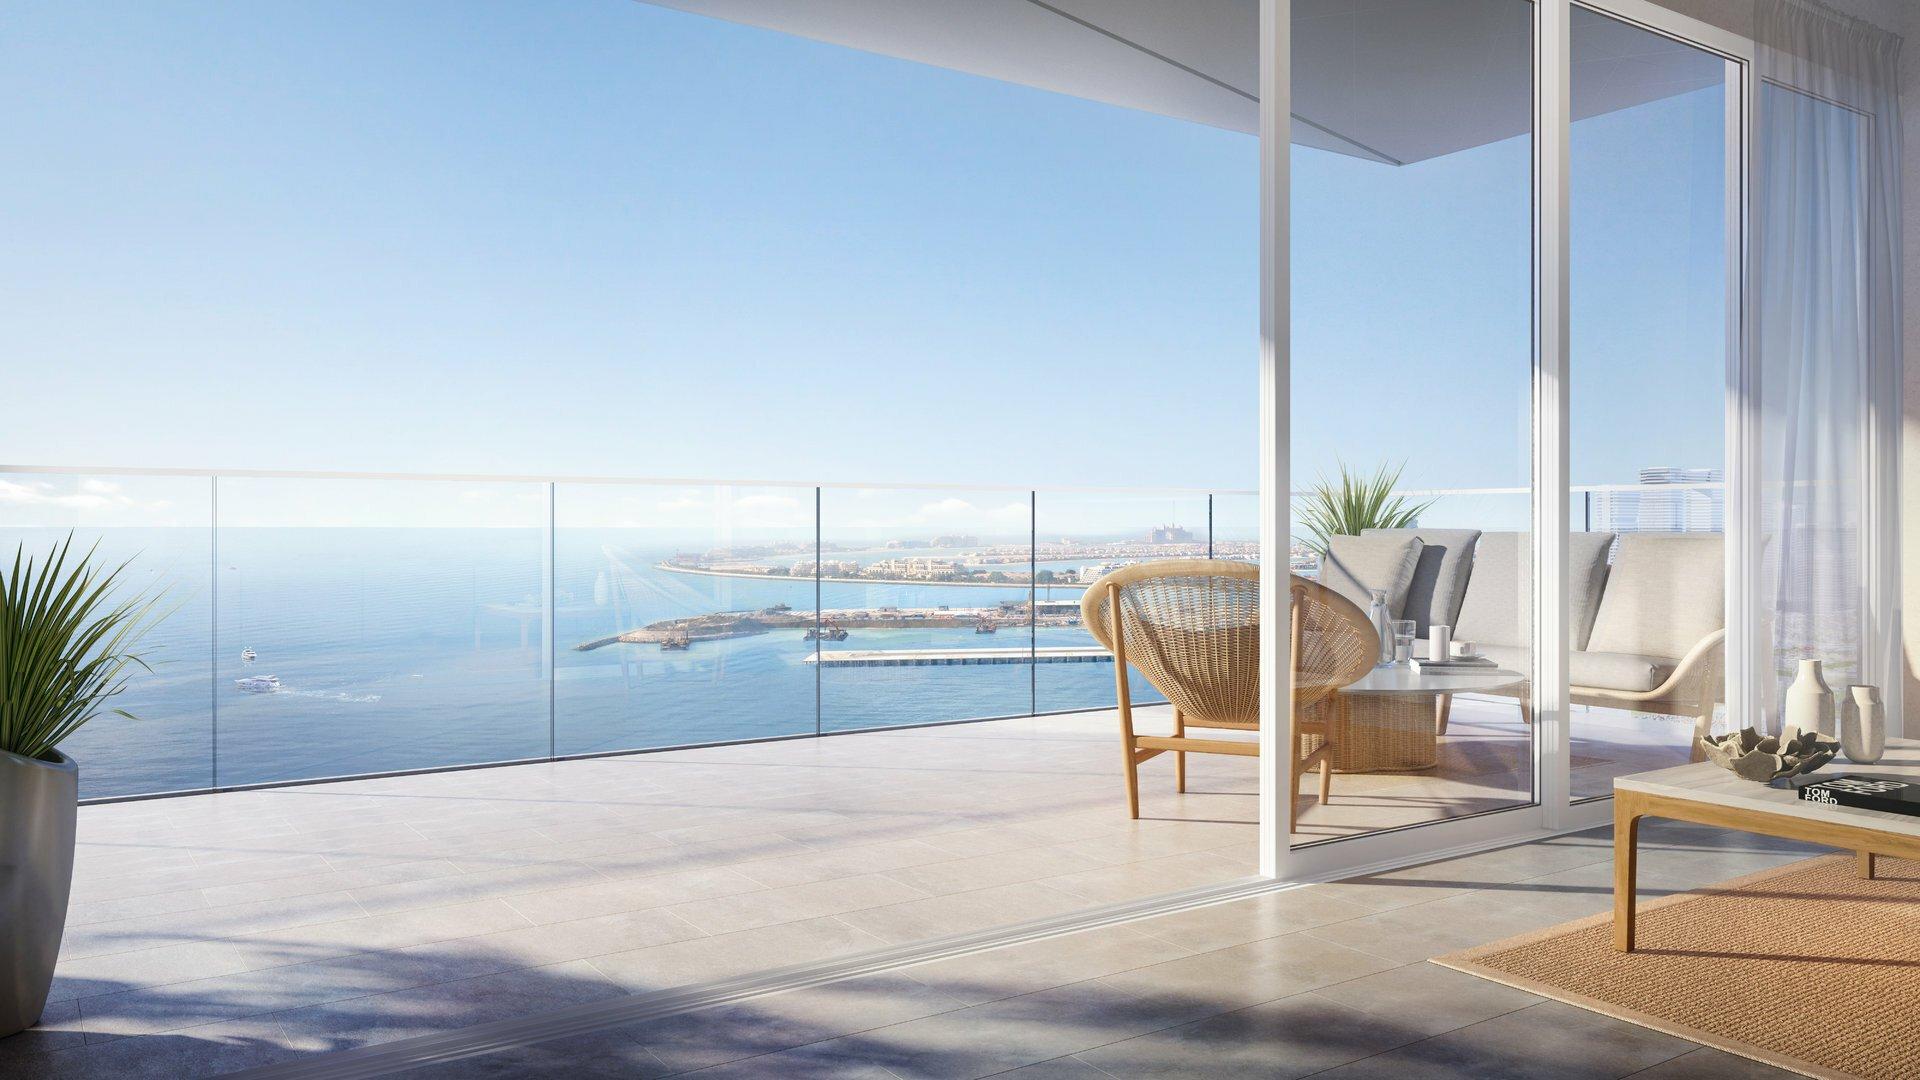 Apartamento en venta en Dubai, EAU, 1 dormitorio, 60 m2, № 24550 – foto 4